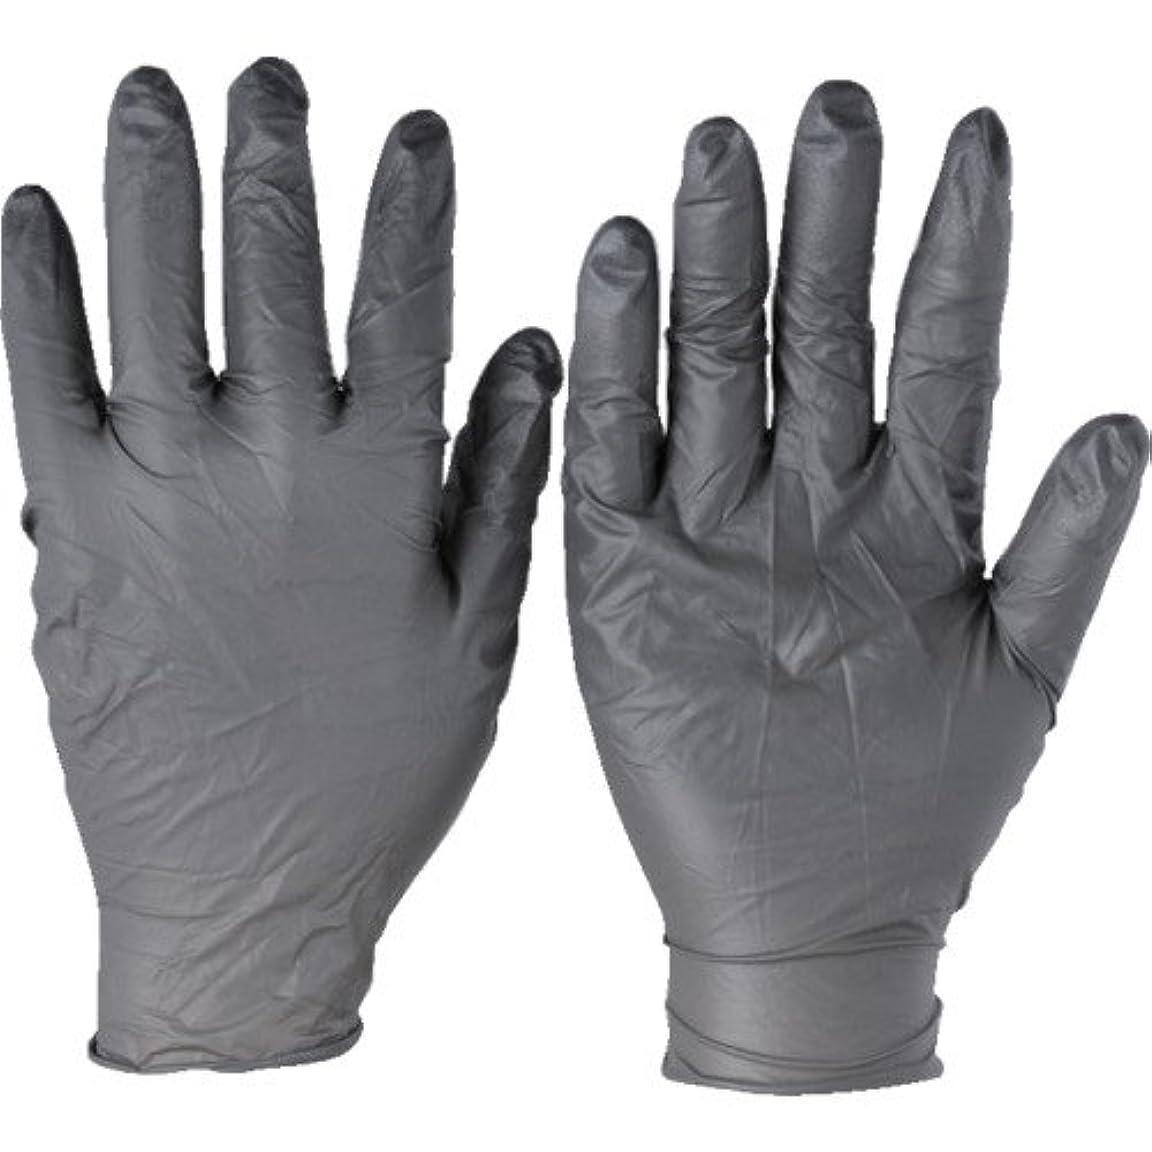 石保証する一般的にトラスコ中山 アンセル ニトリルゴム使い捨て手袋 タッチエヌタフ 粉無 Sサイズ 100枚入 932507